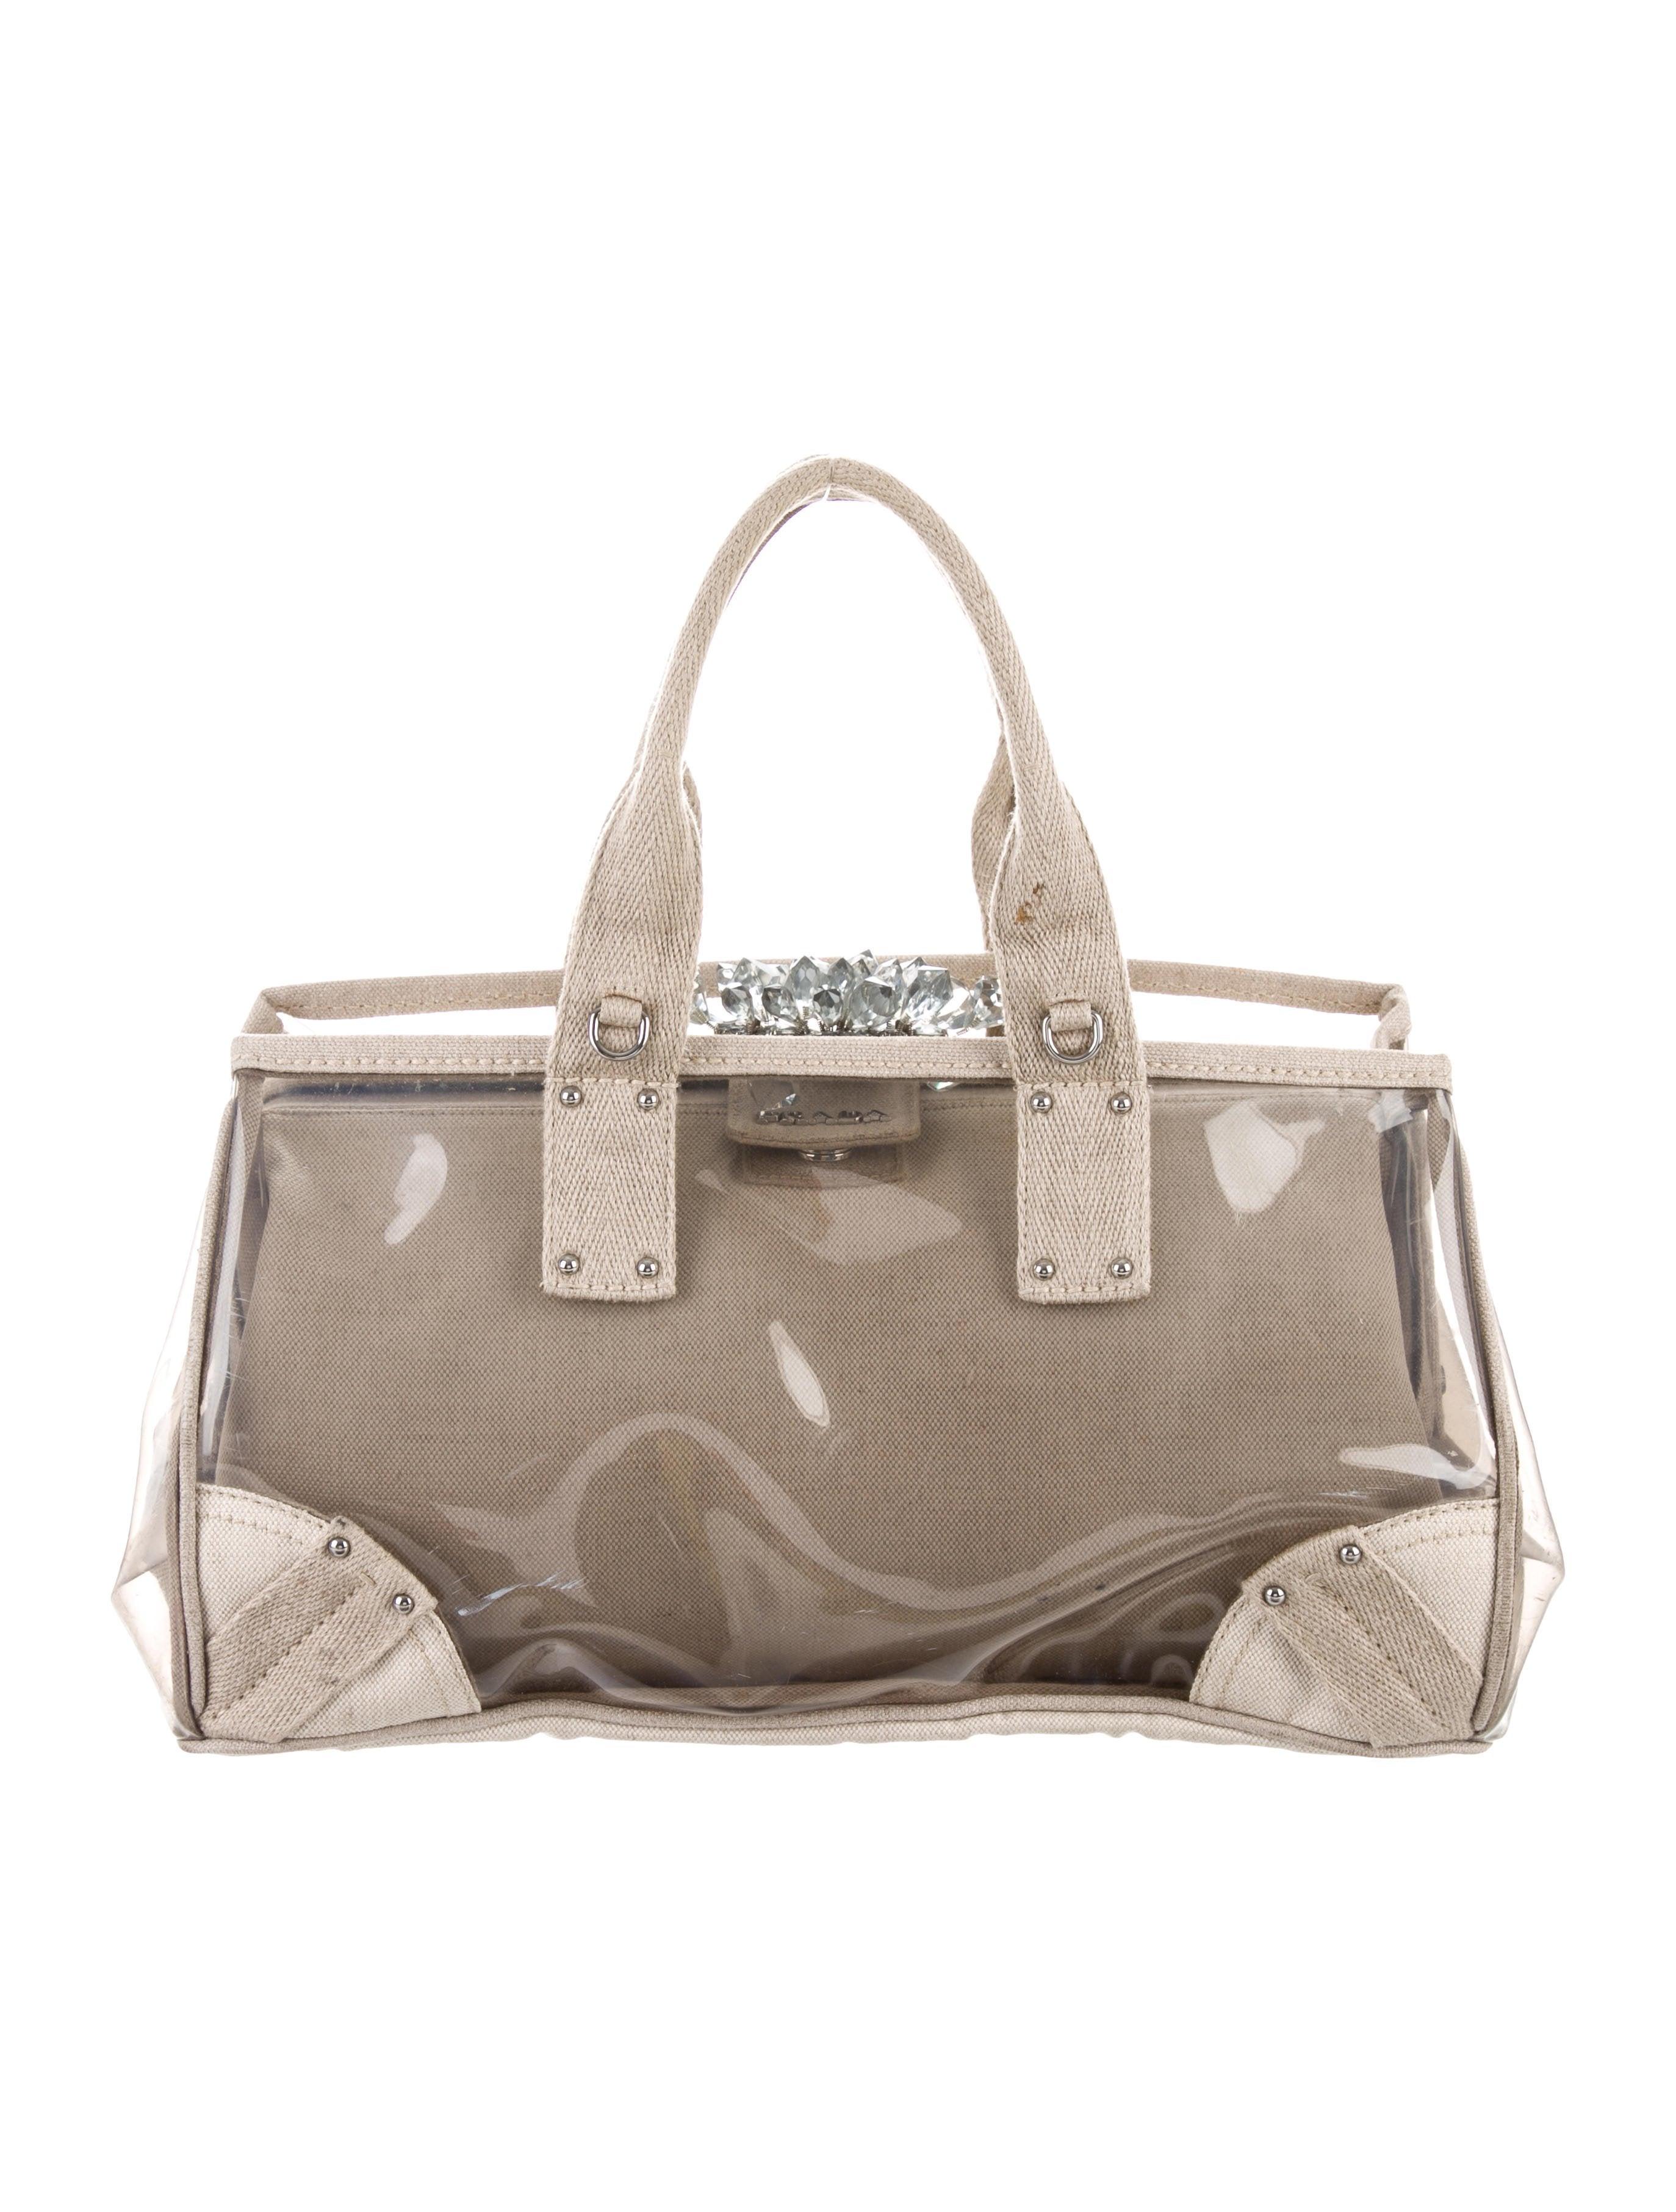 Plex Mistolino Frame Bag by Prada